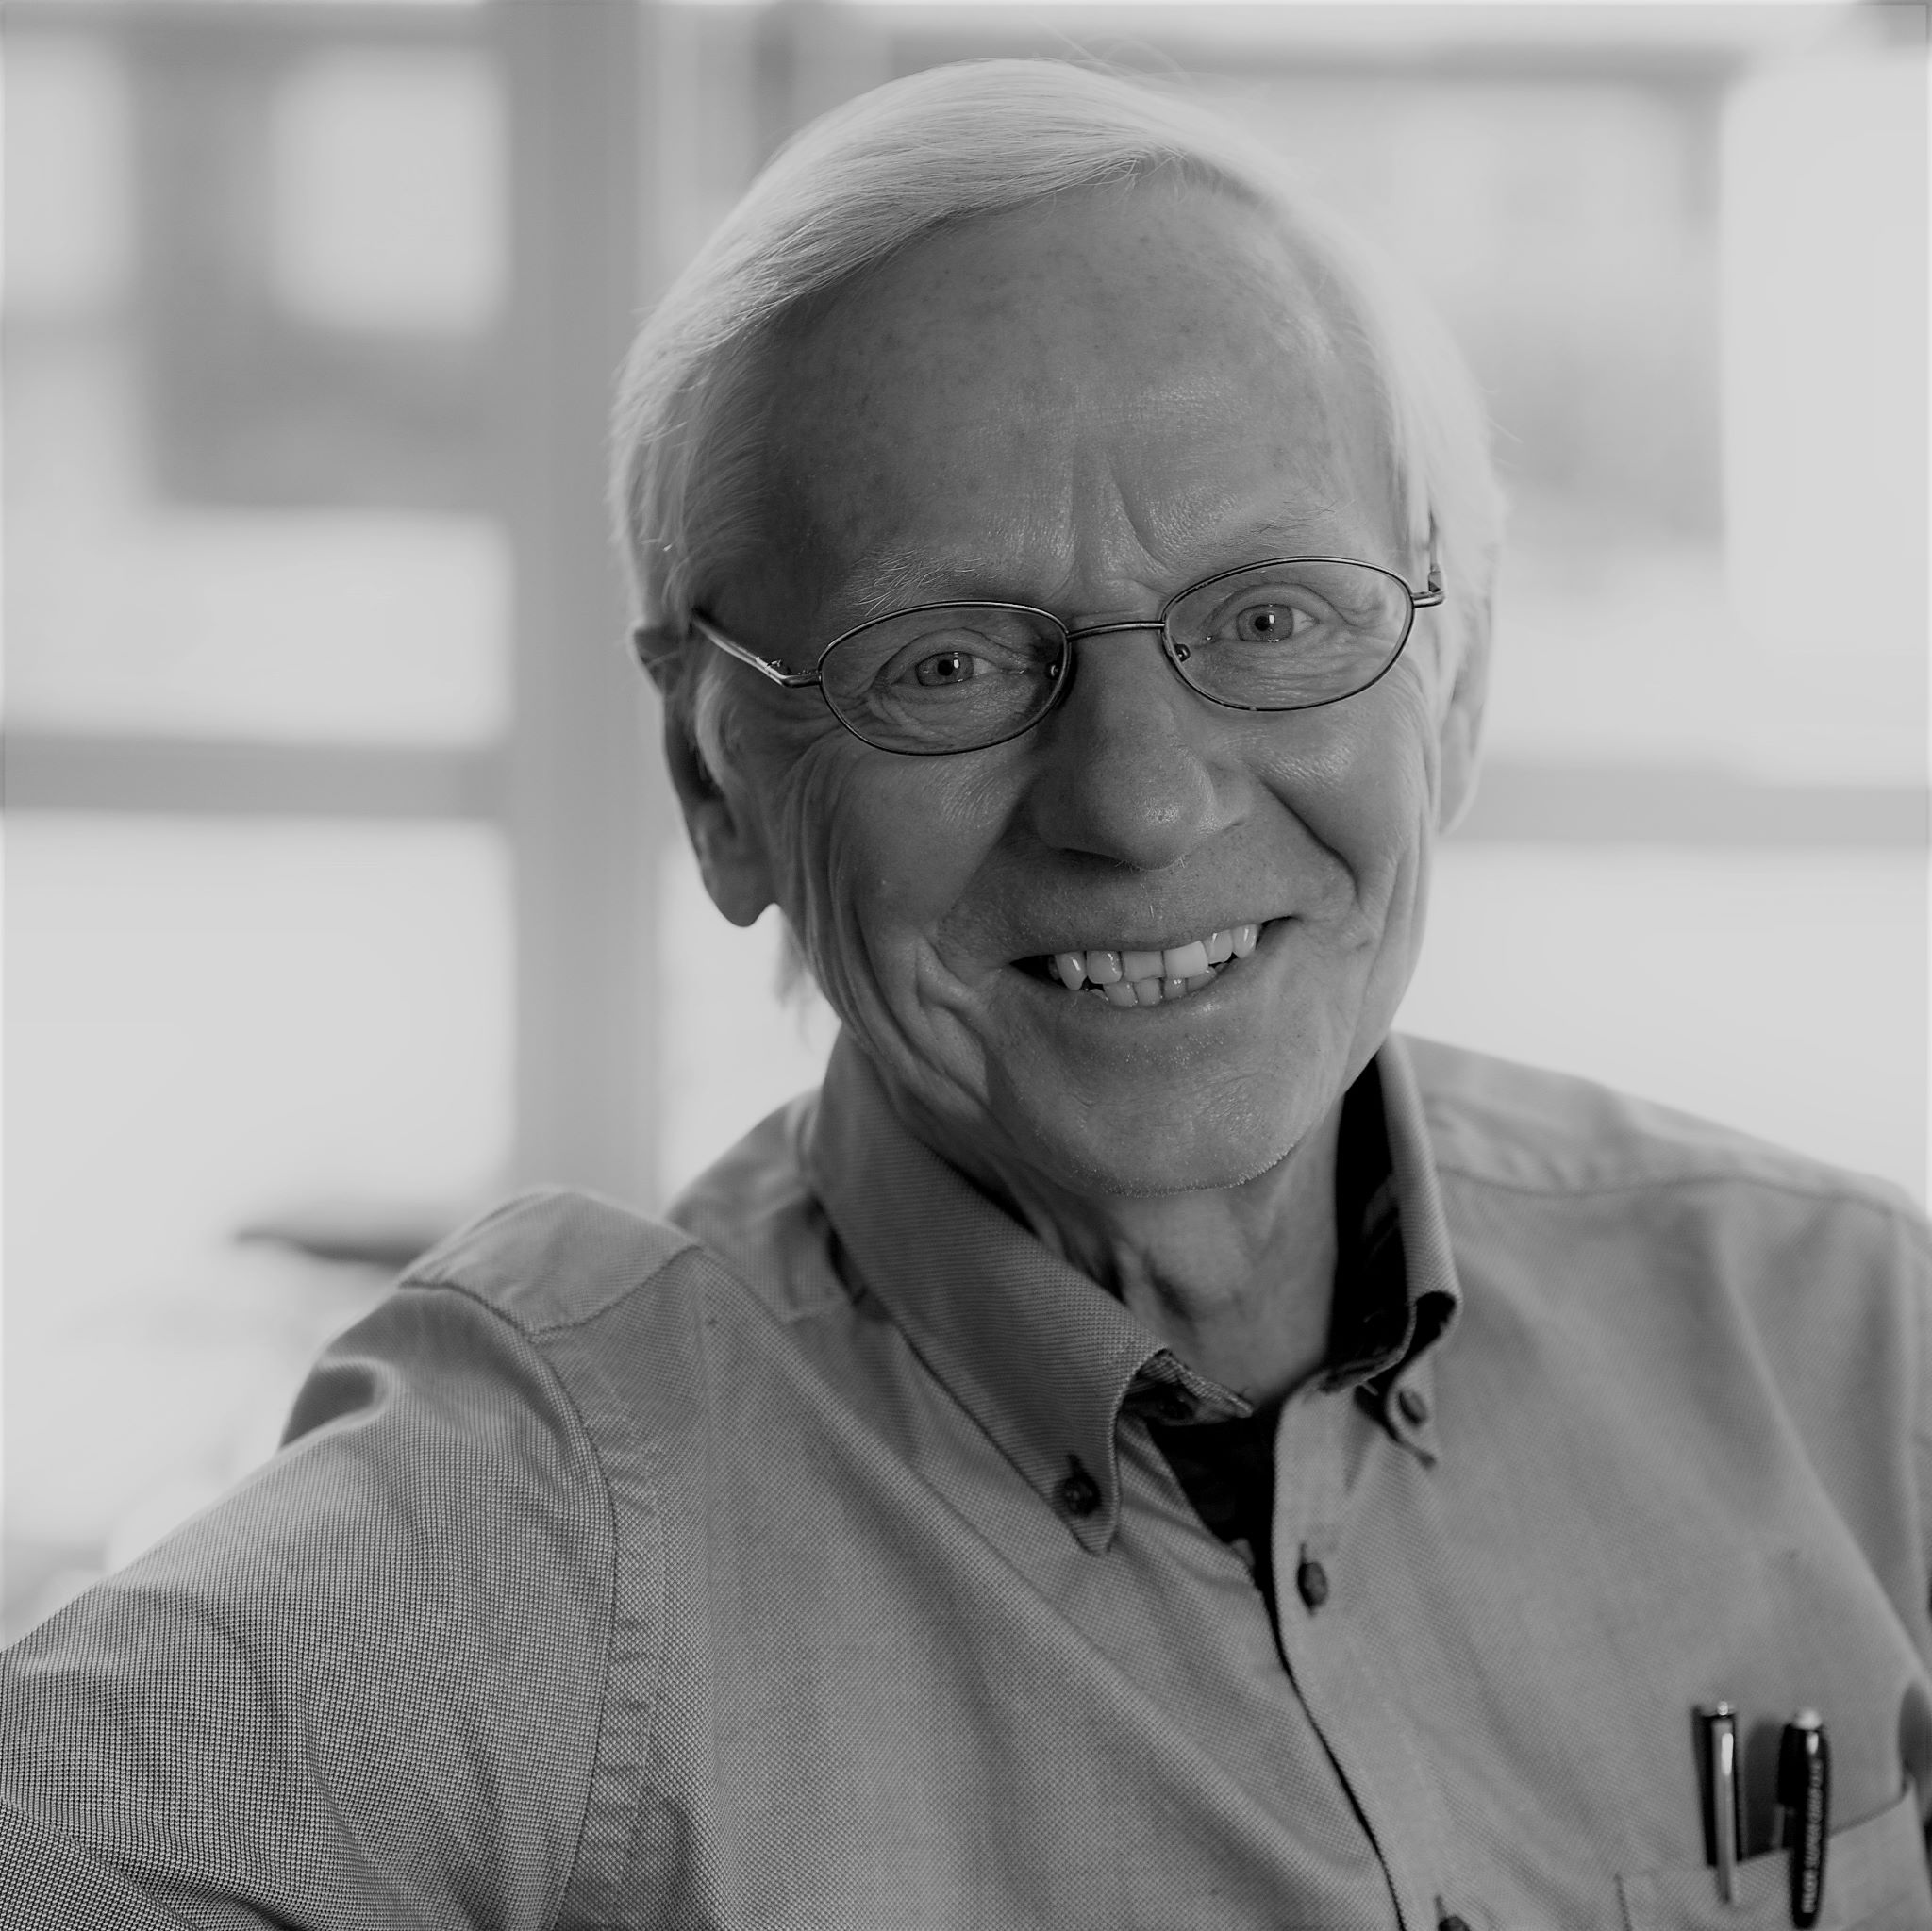 Olav Jull Sørensen